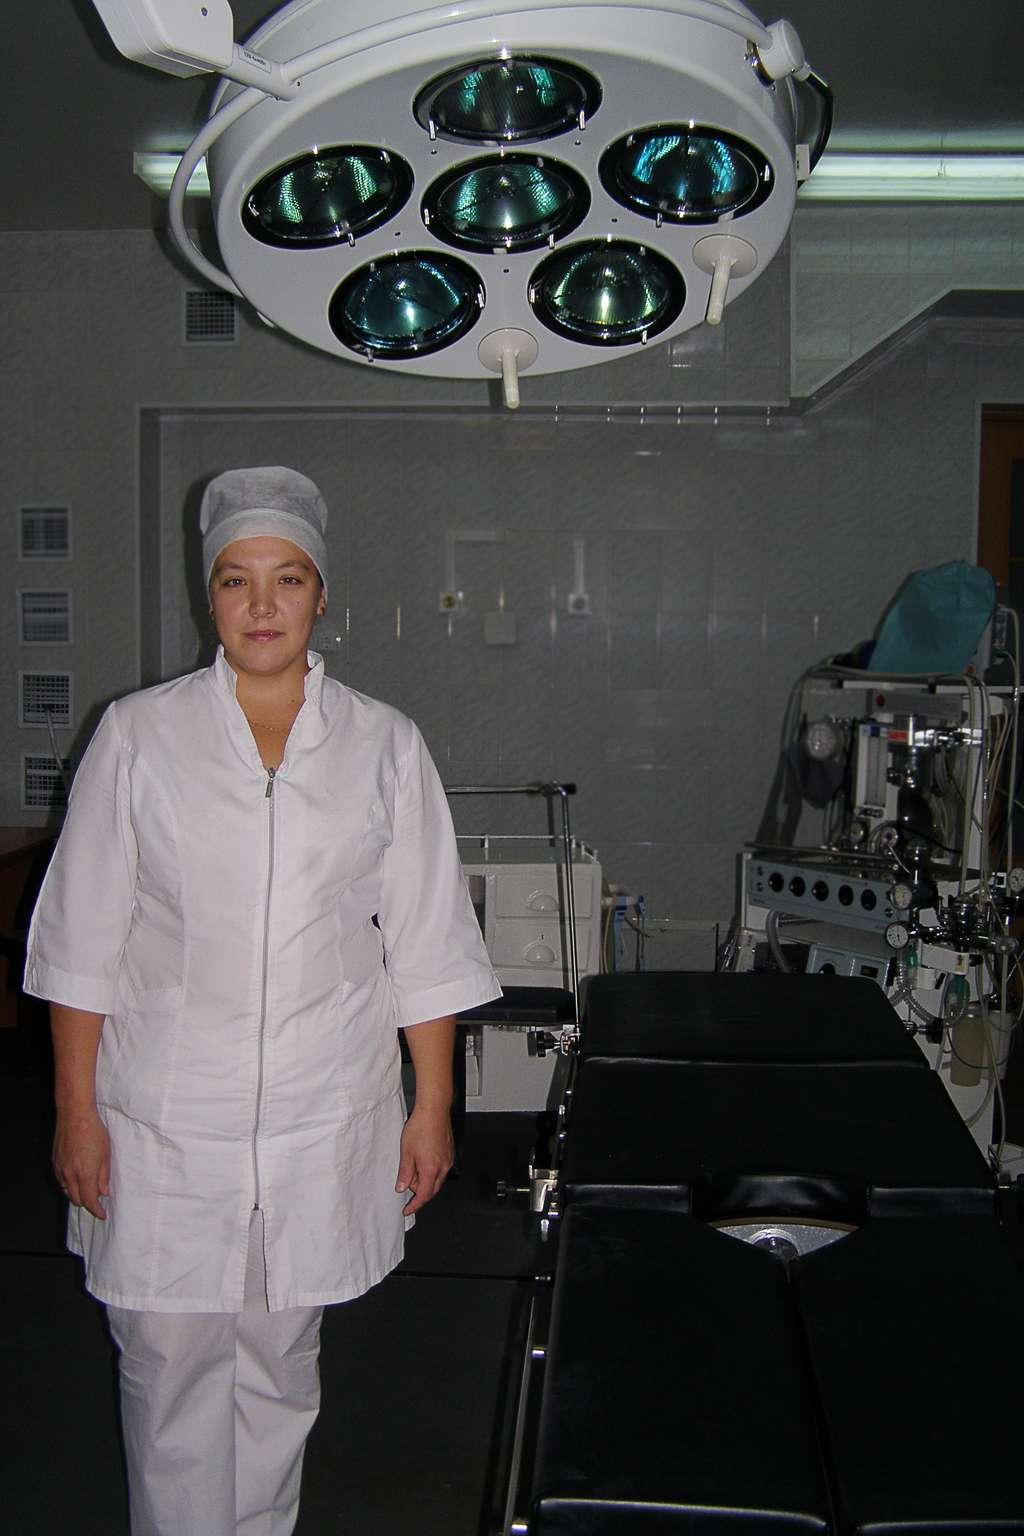 Ищу работу медсестры 11 фотография